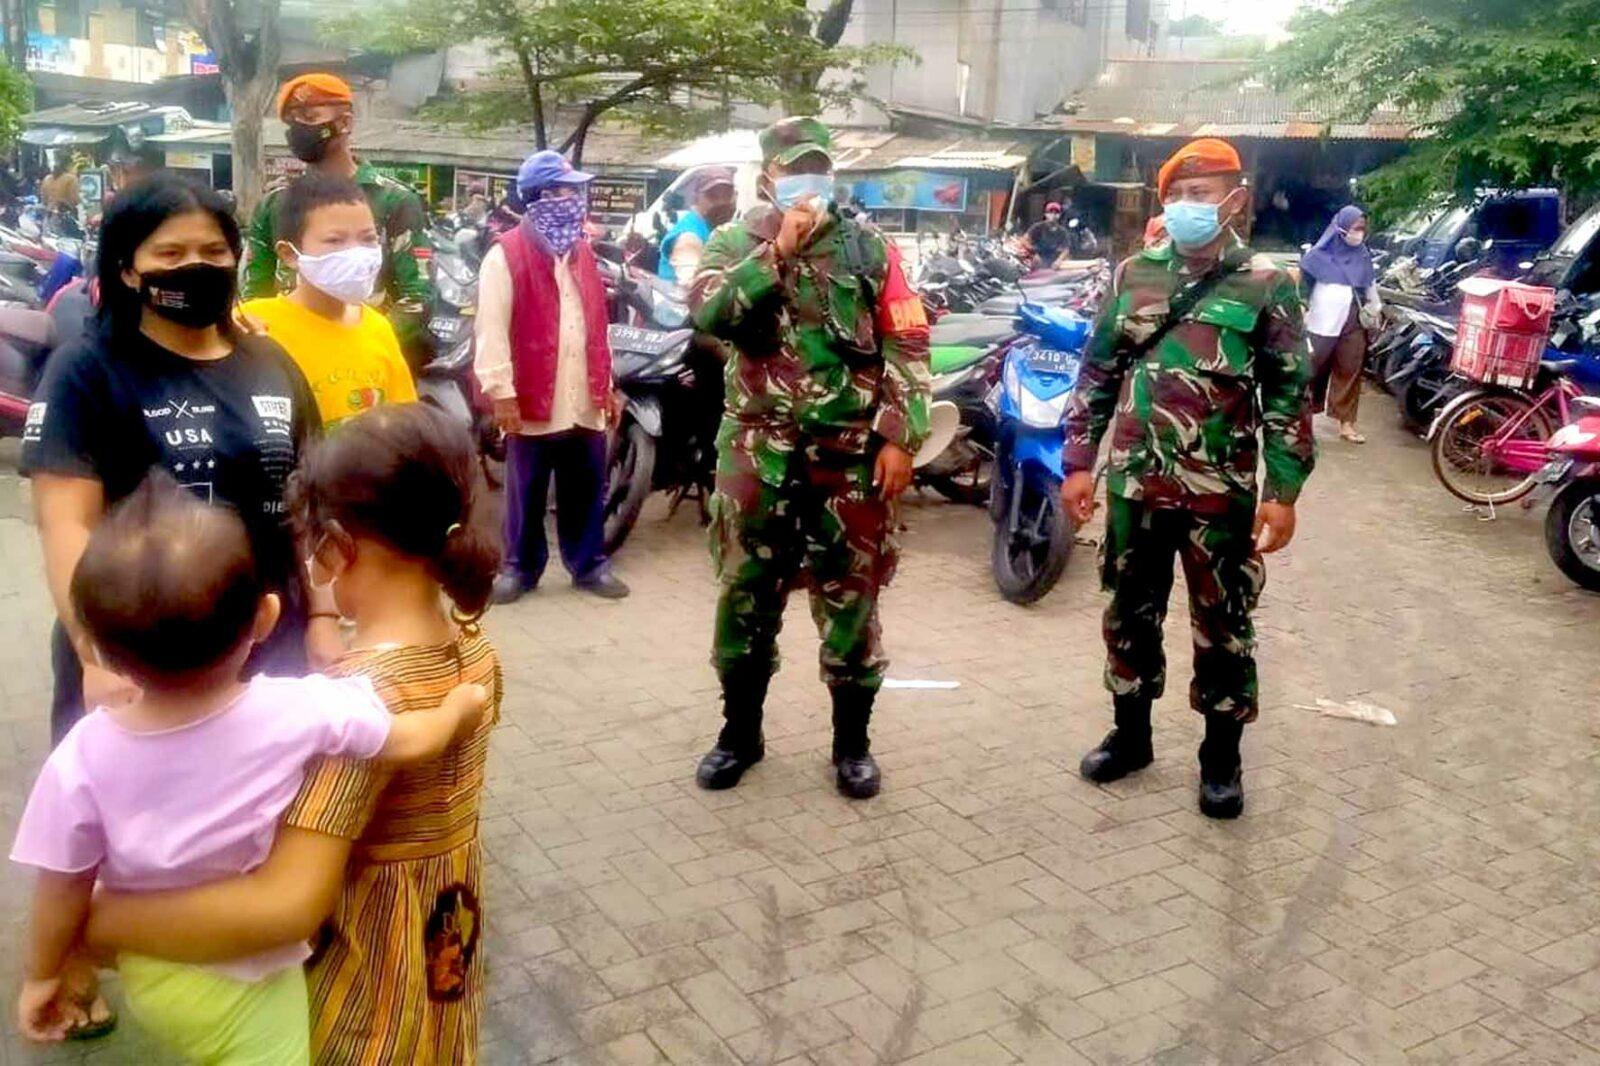 Prajurit Yonko 461 Paskhas Berkiprah Pada Pemberlakuan Pembatasan Kegiatan Masyarakat (PPKM) Di Wilayah DKI Jakarta